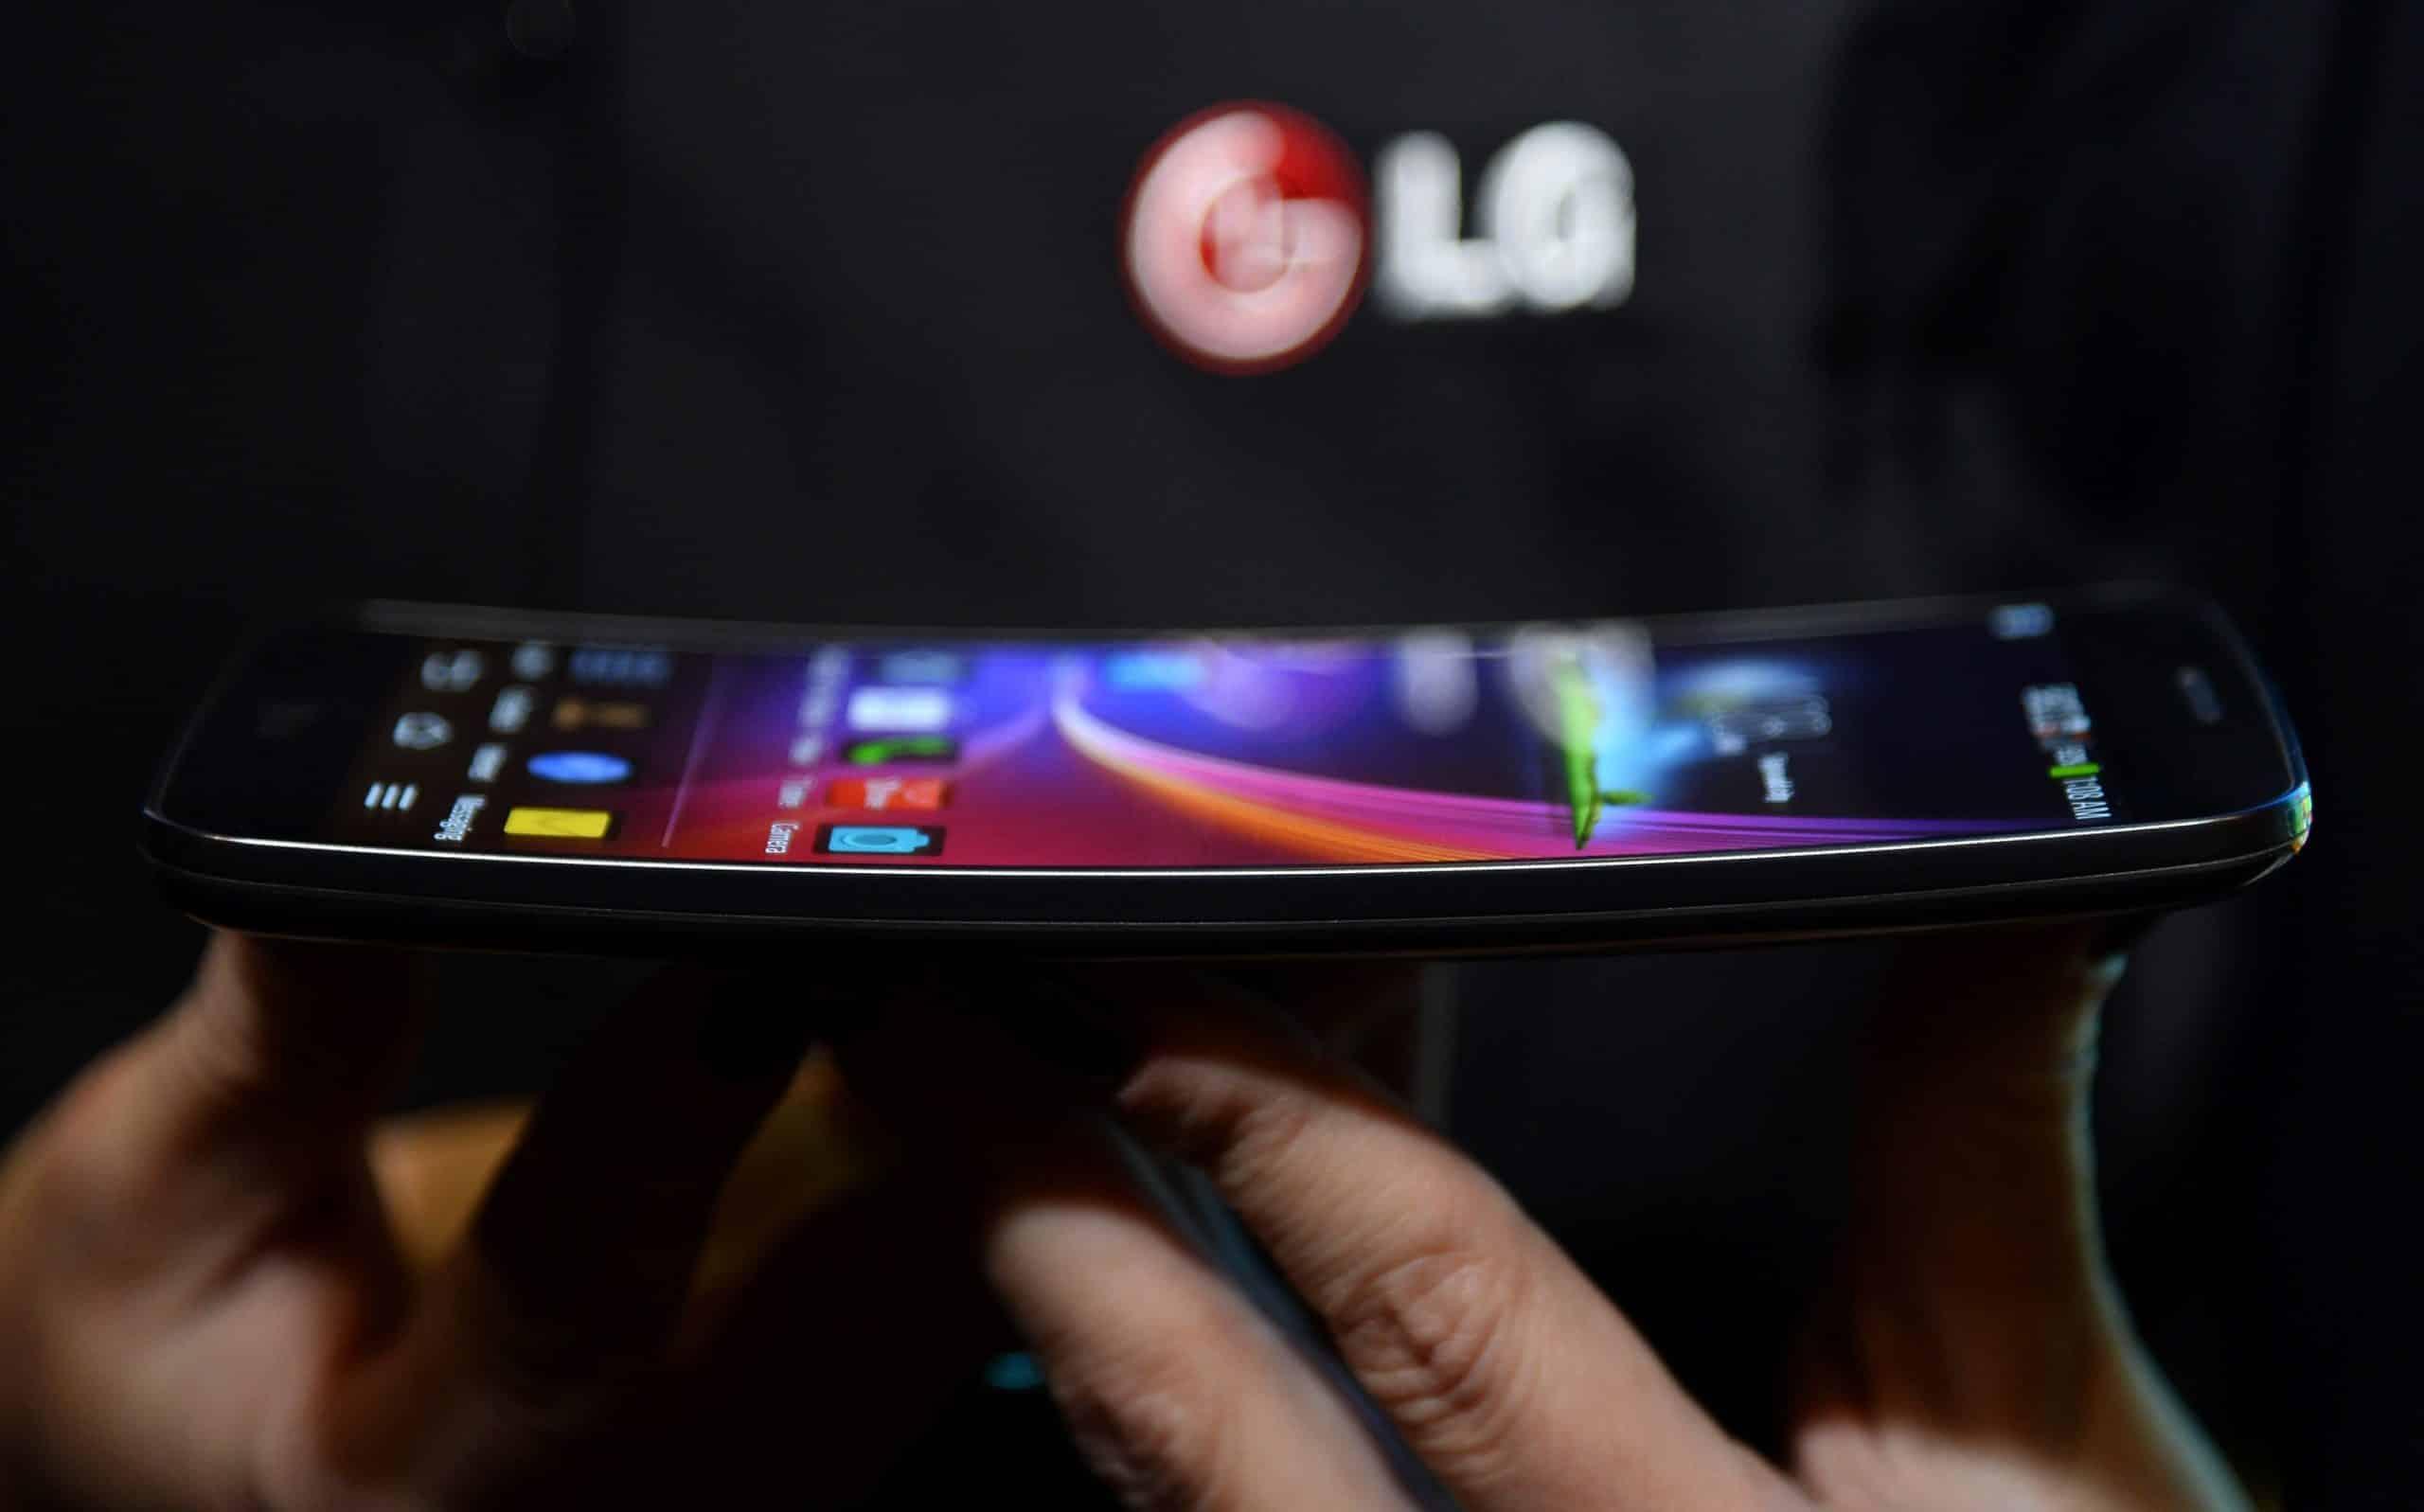 Nouveau smartphone LG